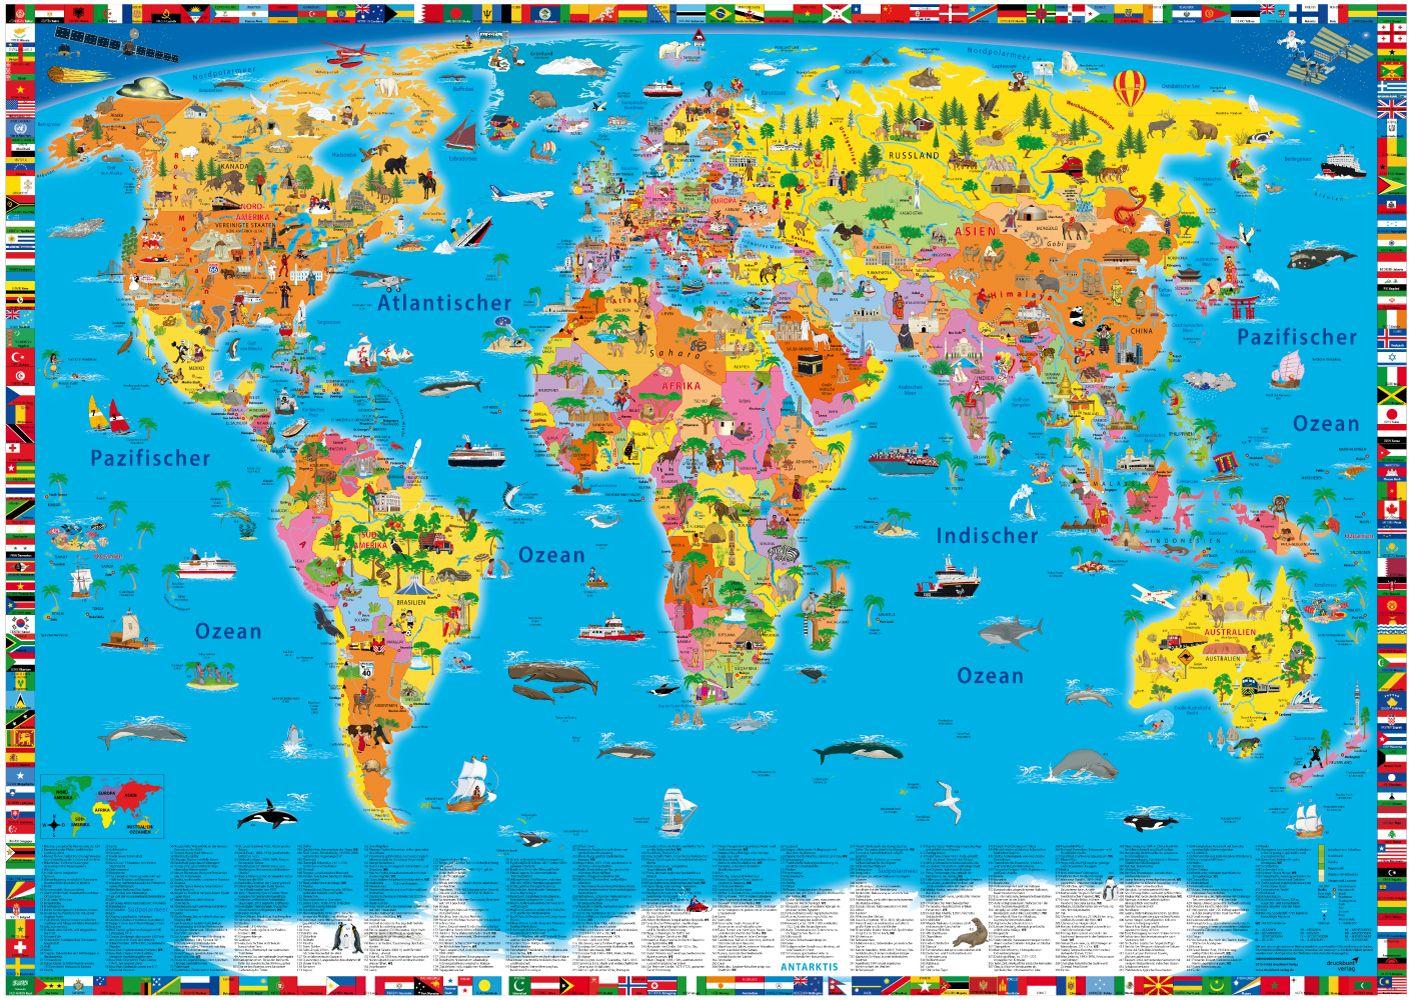 Illustrierte politische Weltkarte von K&S druckbunt Verlag GmbH